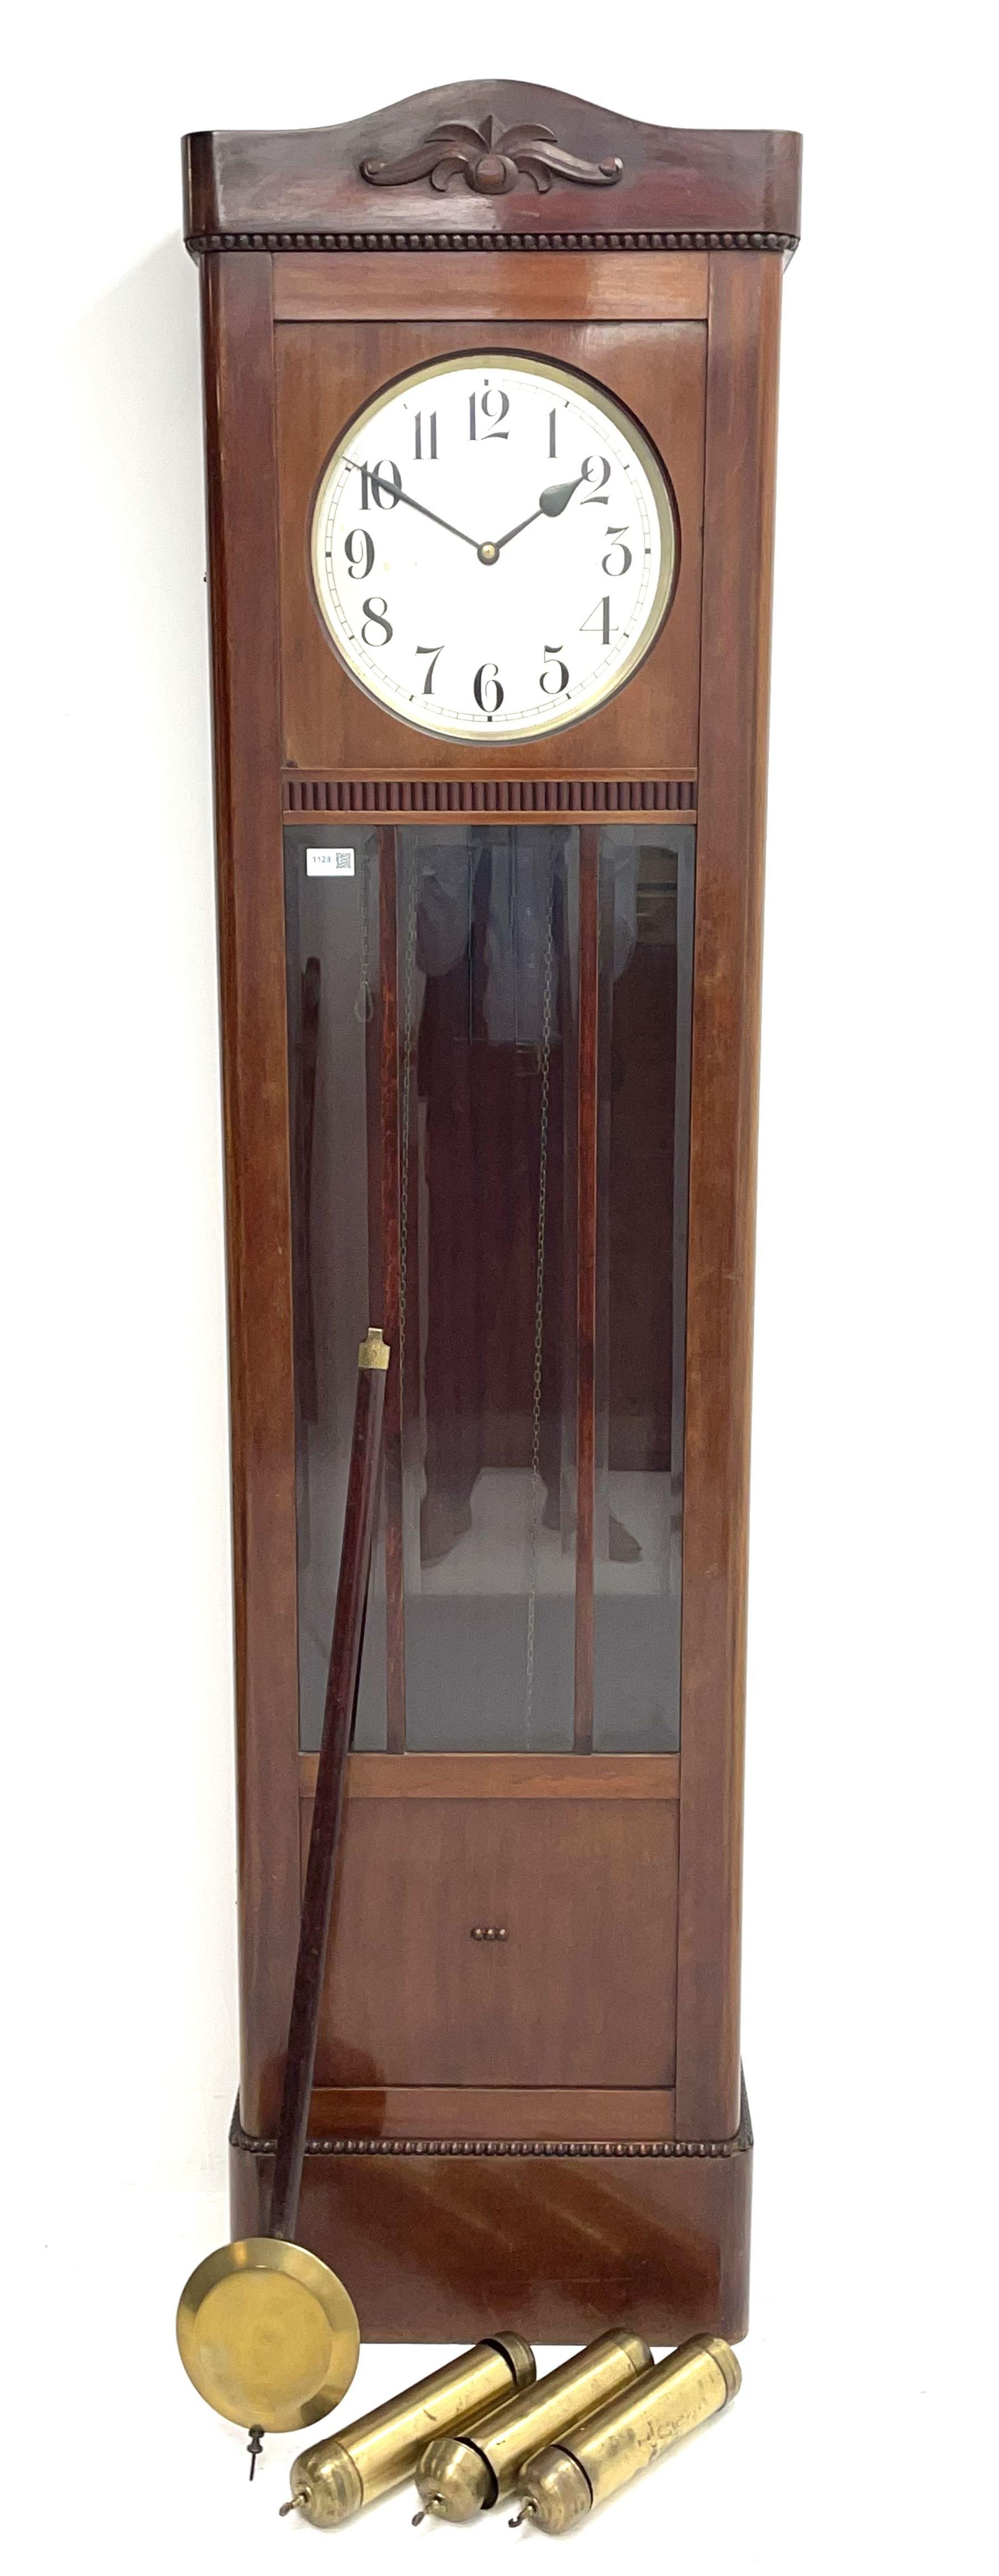 Early 20th century mahogany longcase clock